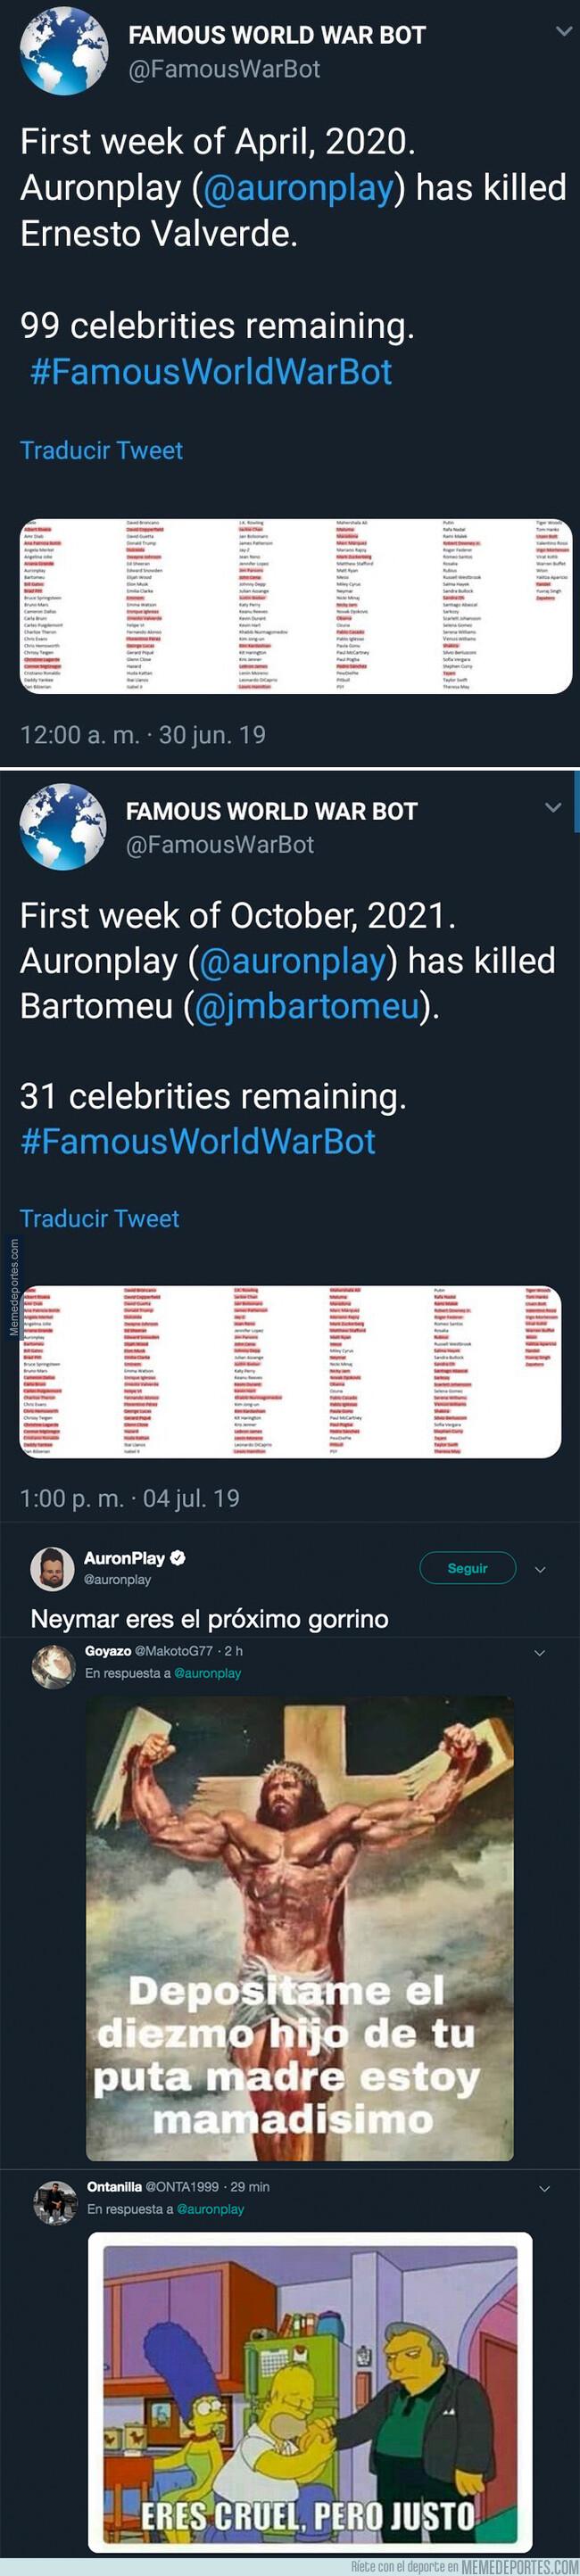 1080129 - Auronplay ha asesinado a Bartomeu y Valverde en este famoso juego de Twitter y ya tiene nueva víctima entre ceja y ceja